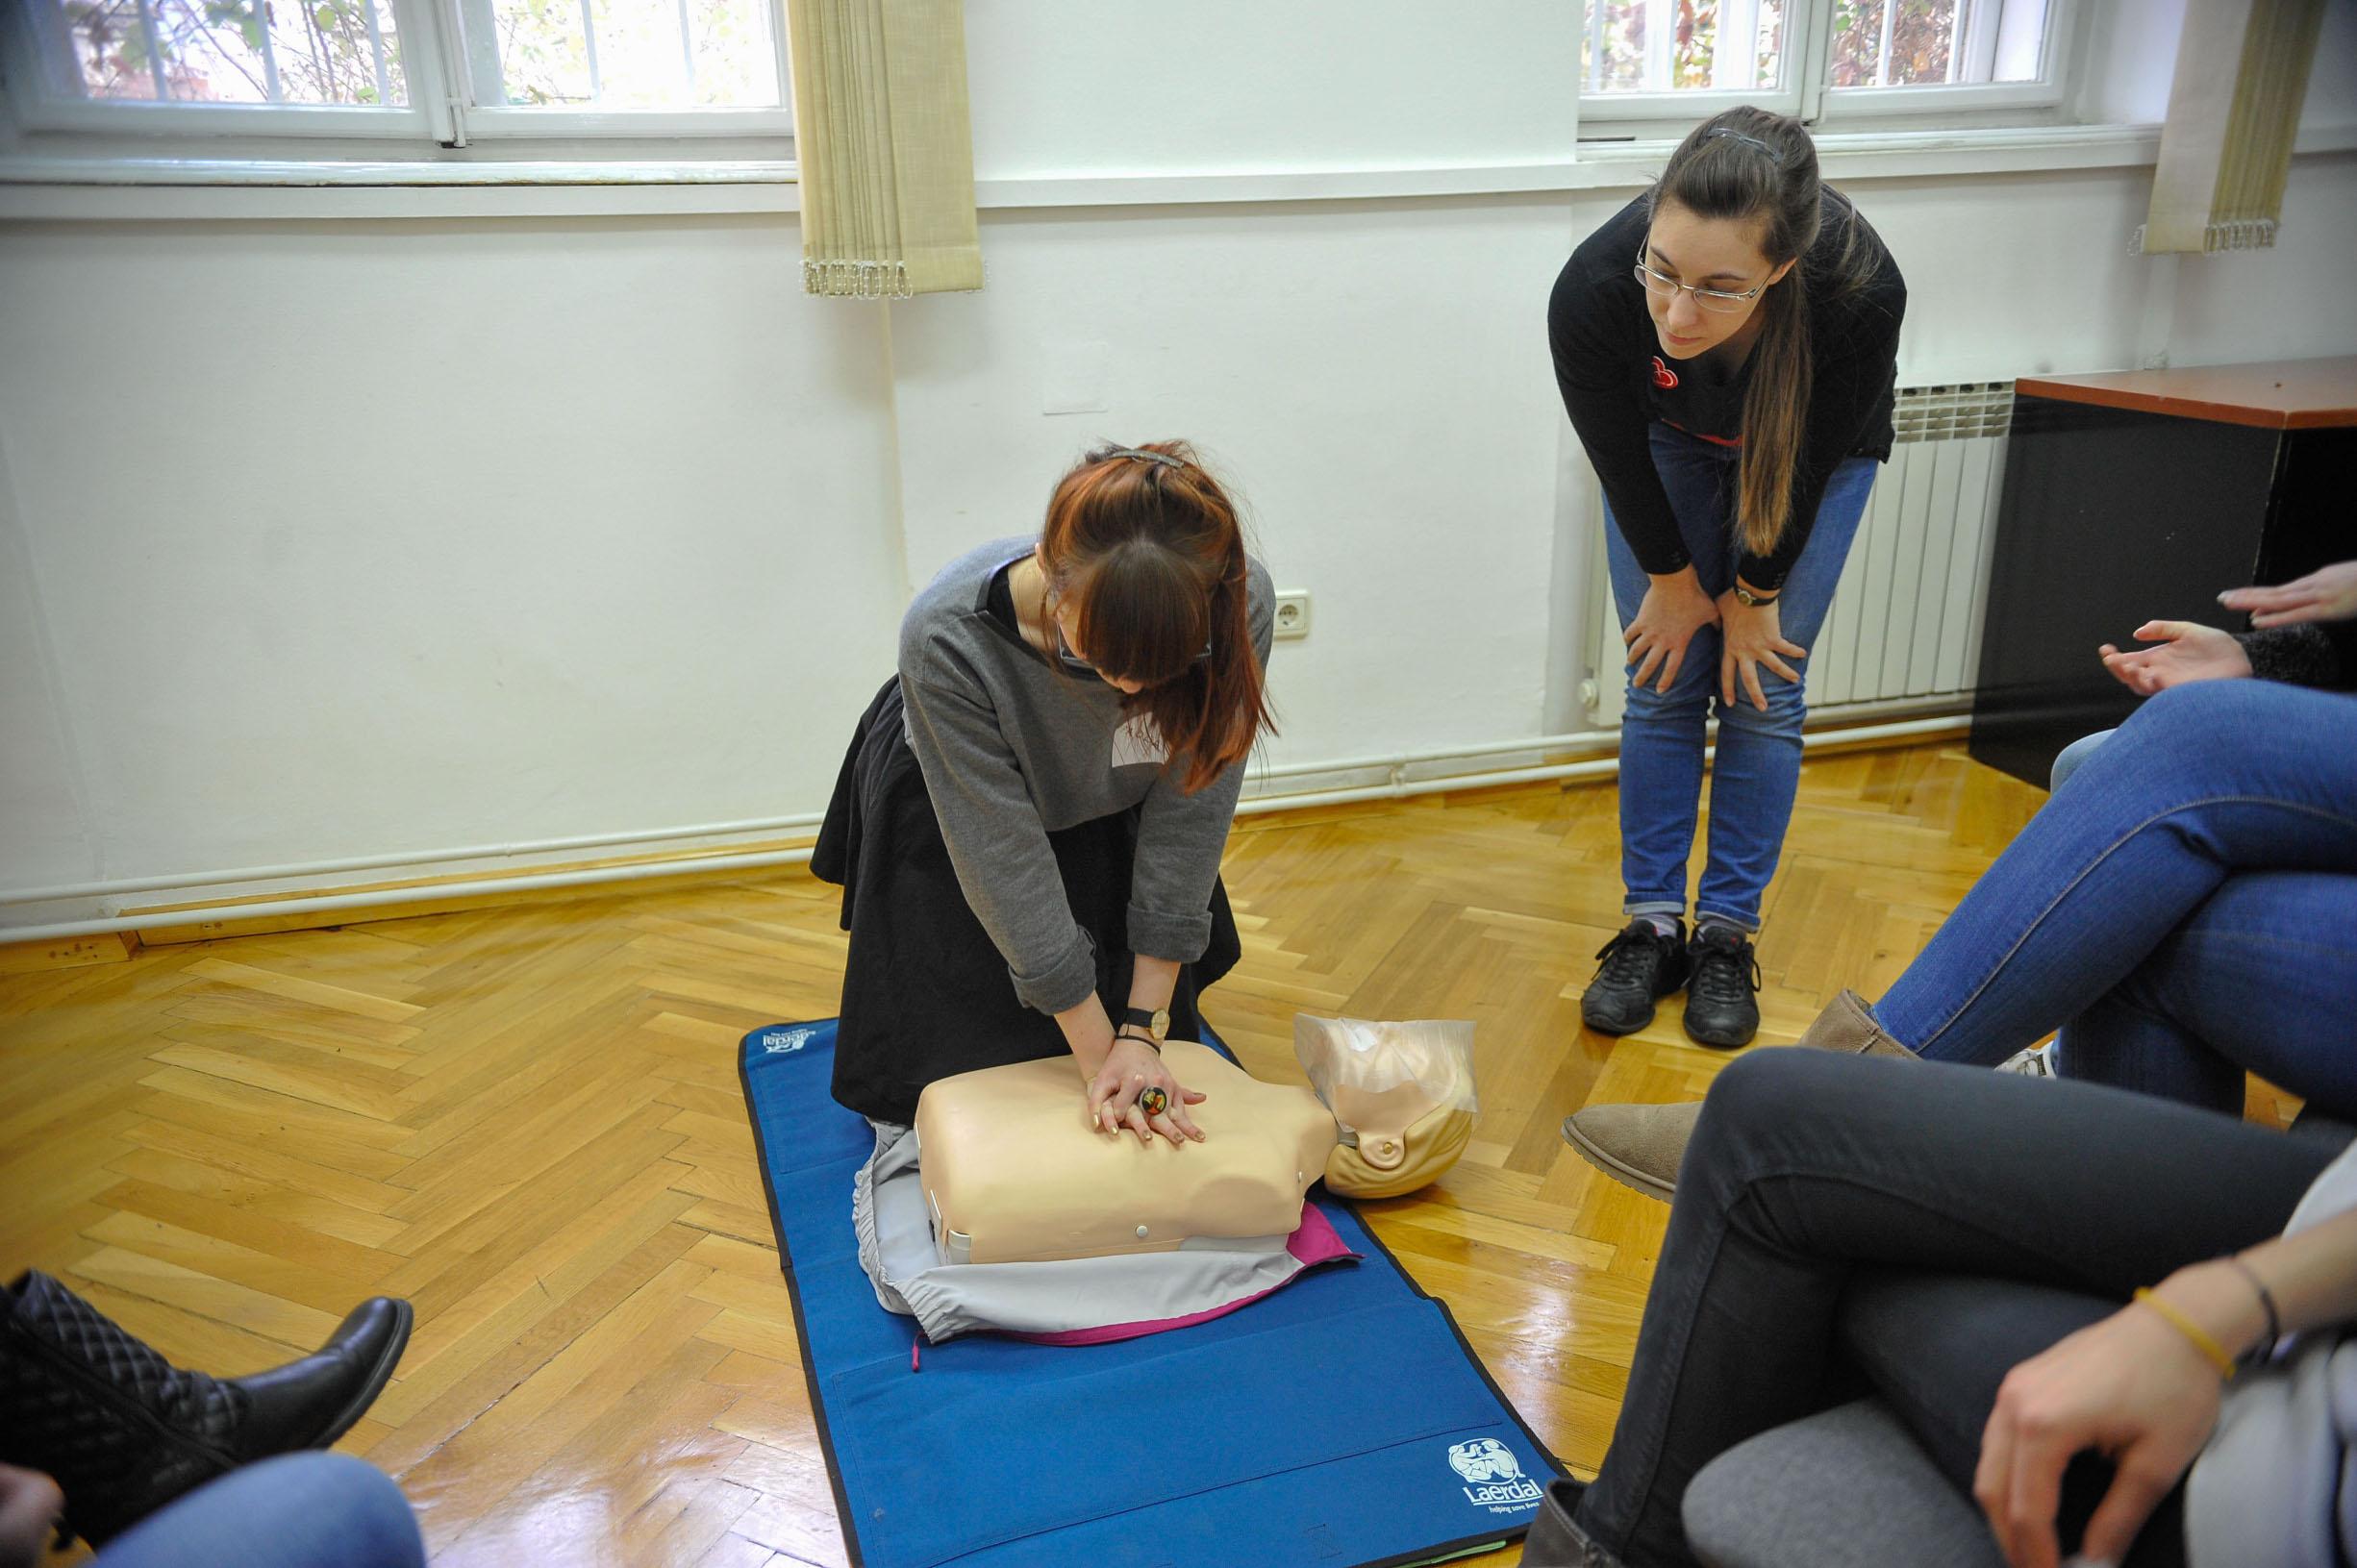 Na radionicama građani će moći u malim grupama naučiti postupak oživljavanja samo s rukama, oživljavanje s umjetnim disanjem i upoznati se s radom automatskog vanjskog defibrilatora.